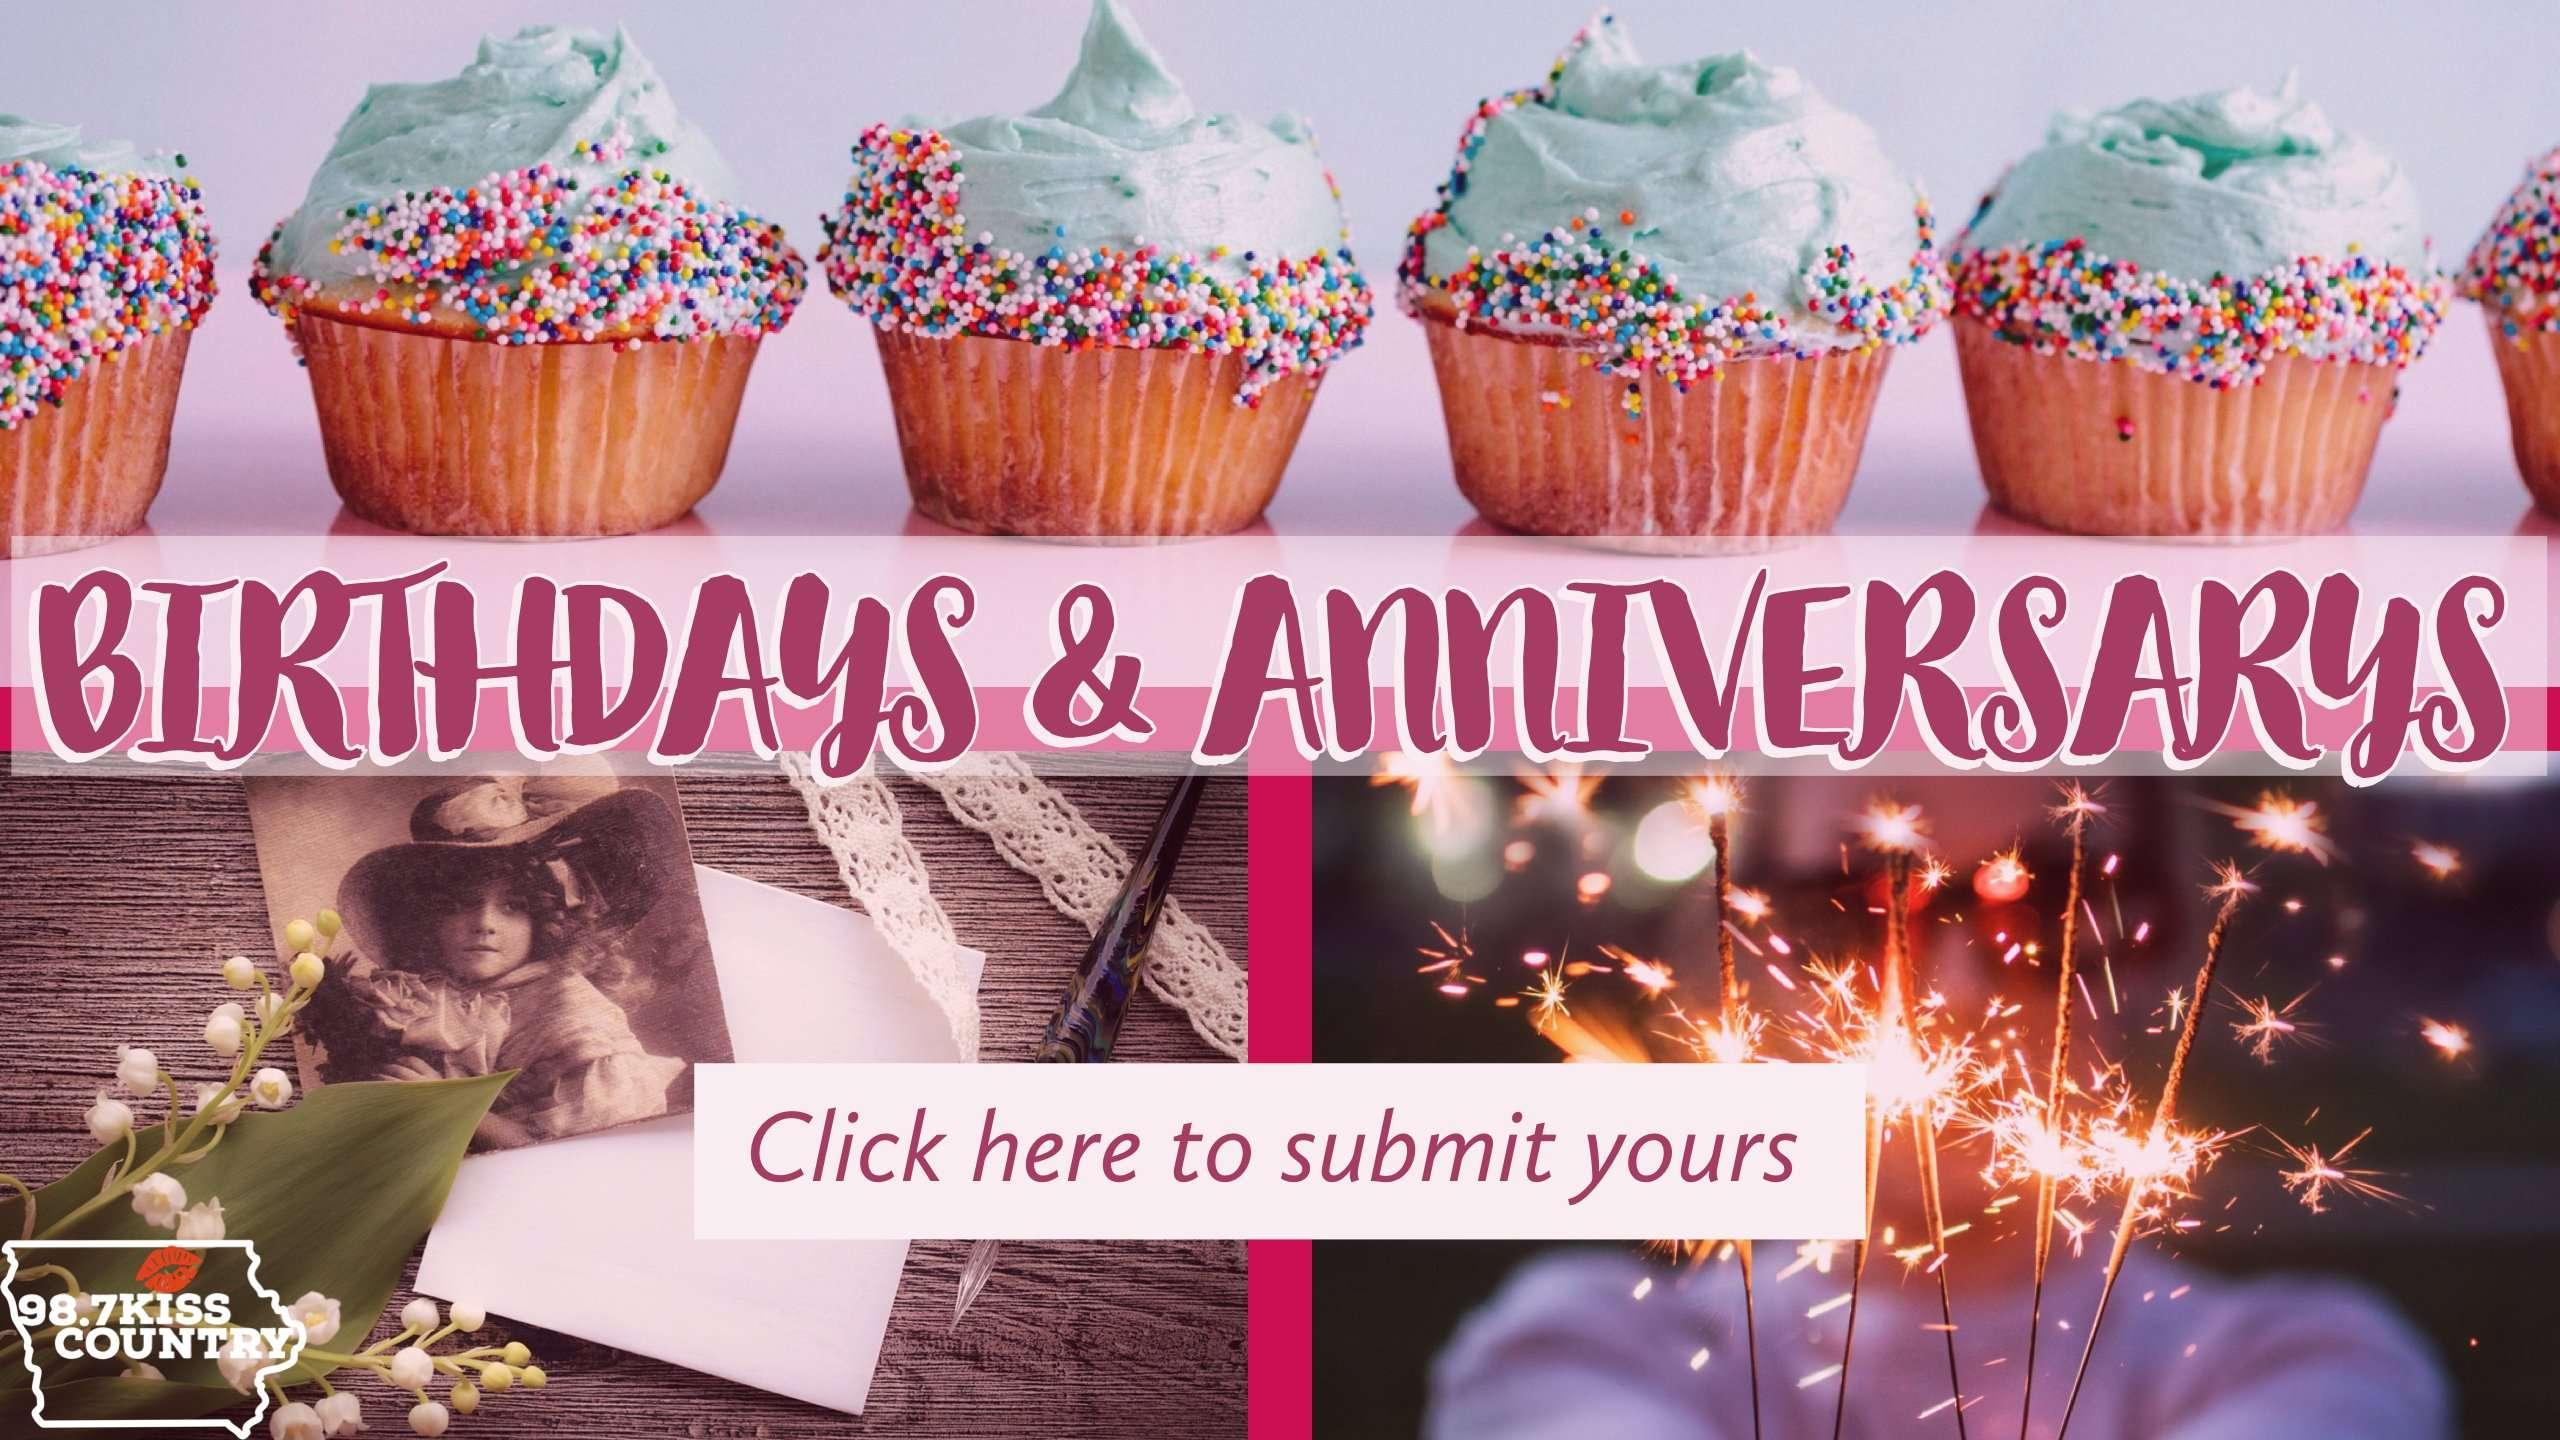 Birthdays & Anniversary